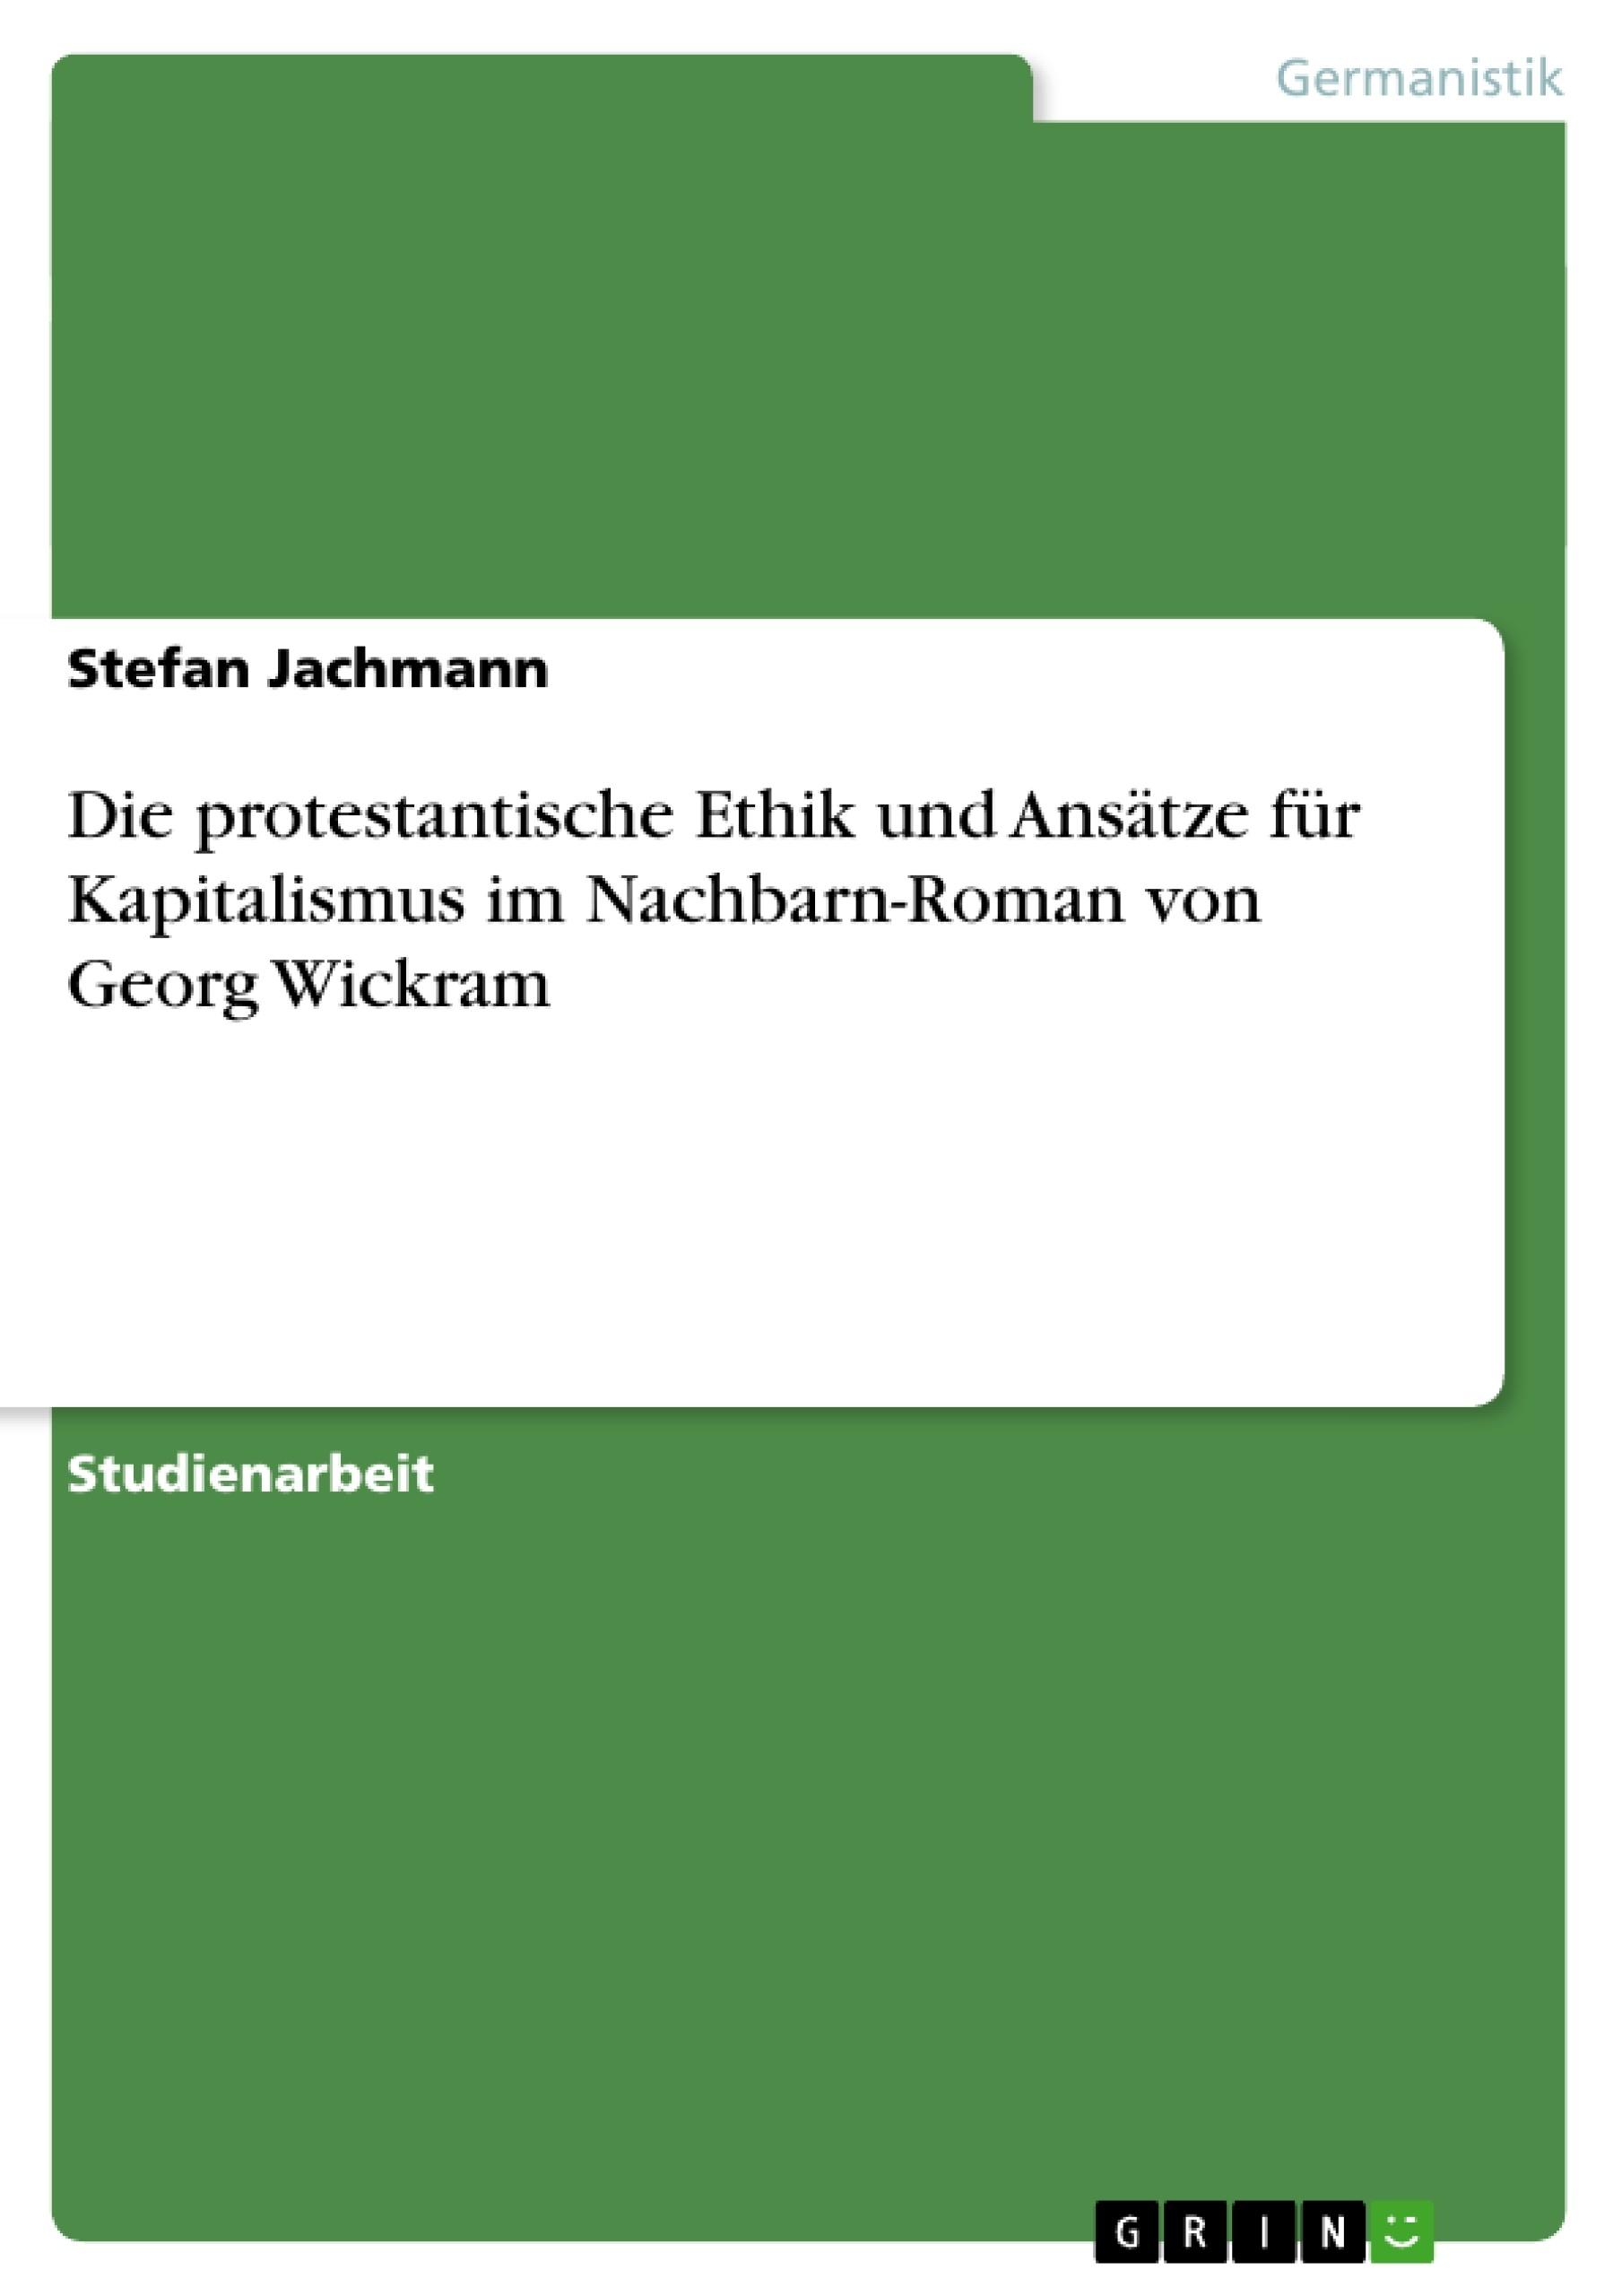 Titel: Die protestantische Ethik und Ansätze für Kapitalismus im Nachbarn-Roman von Georg Wickram